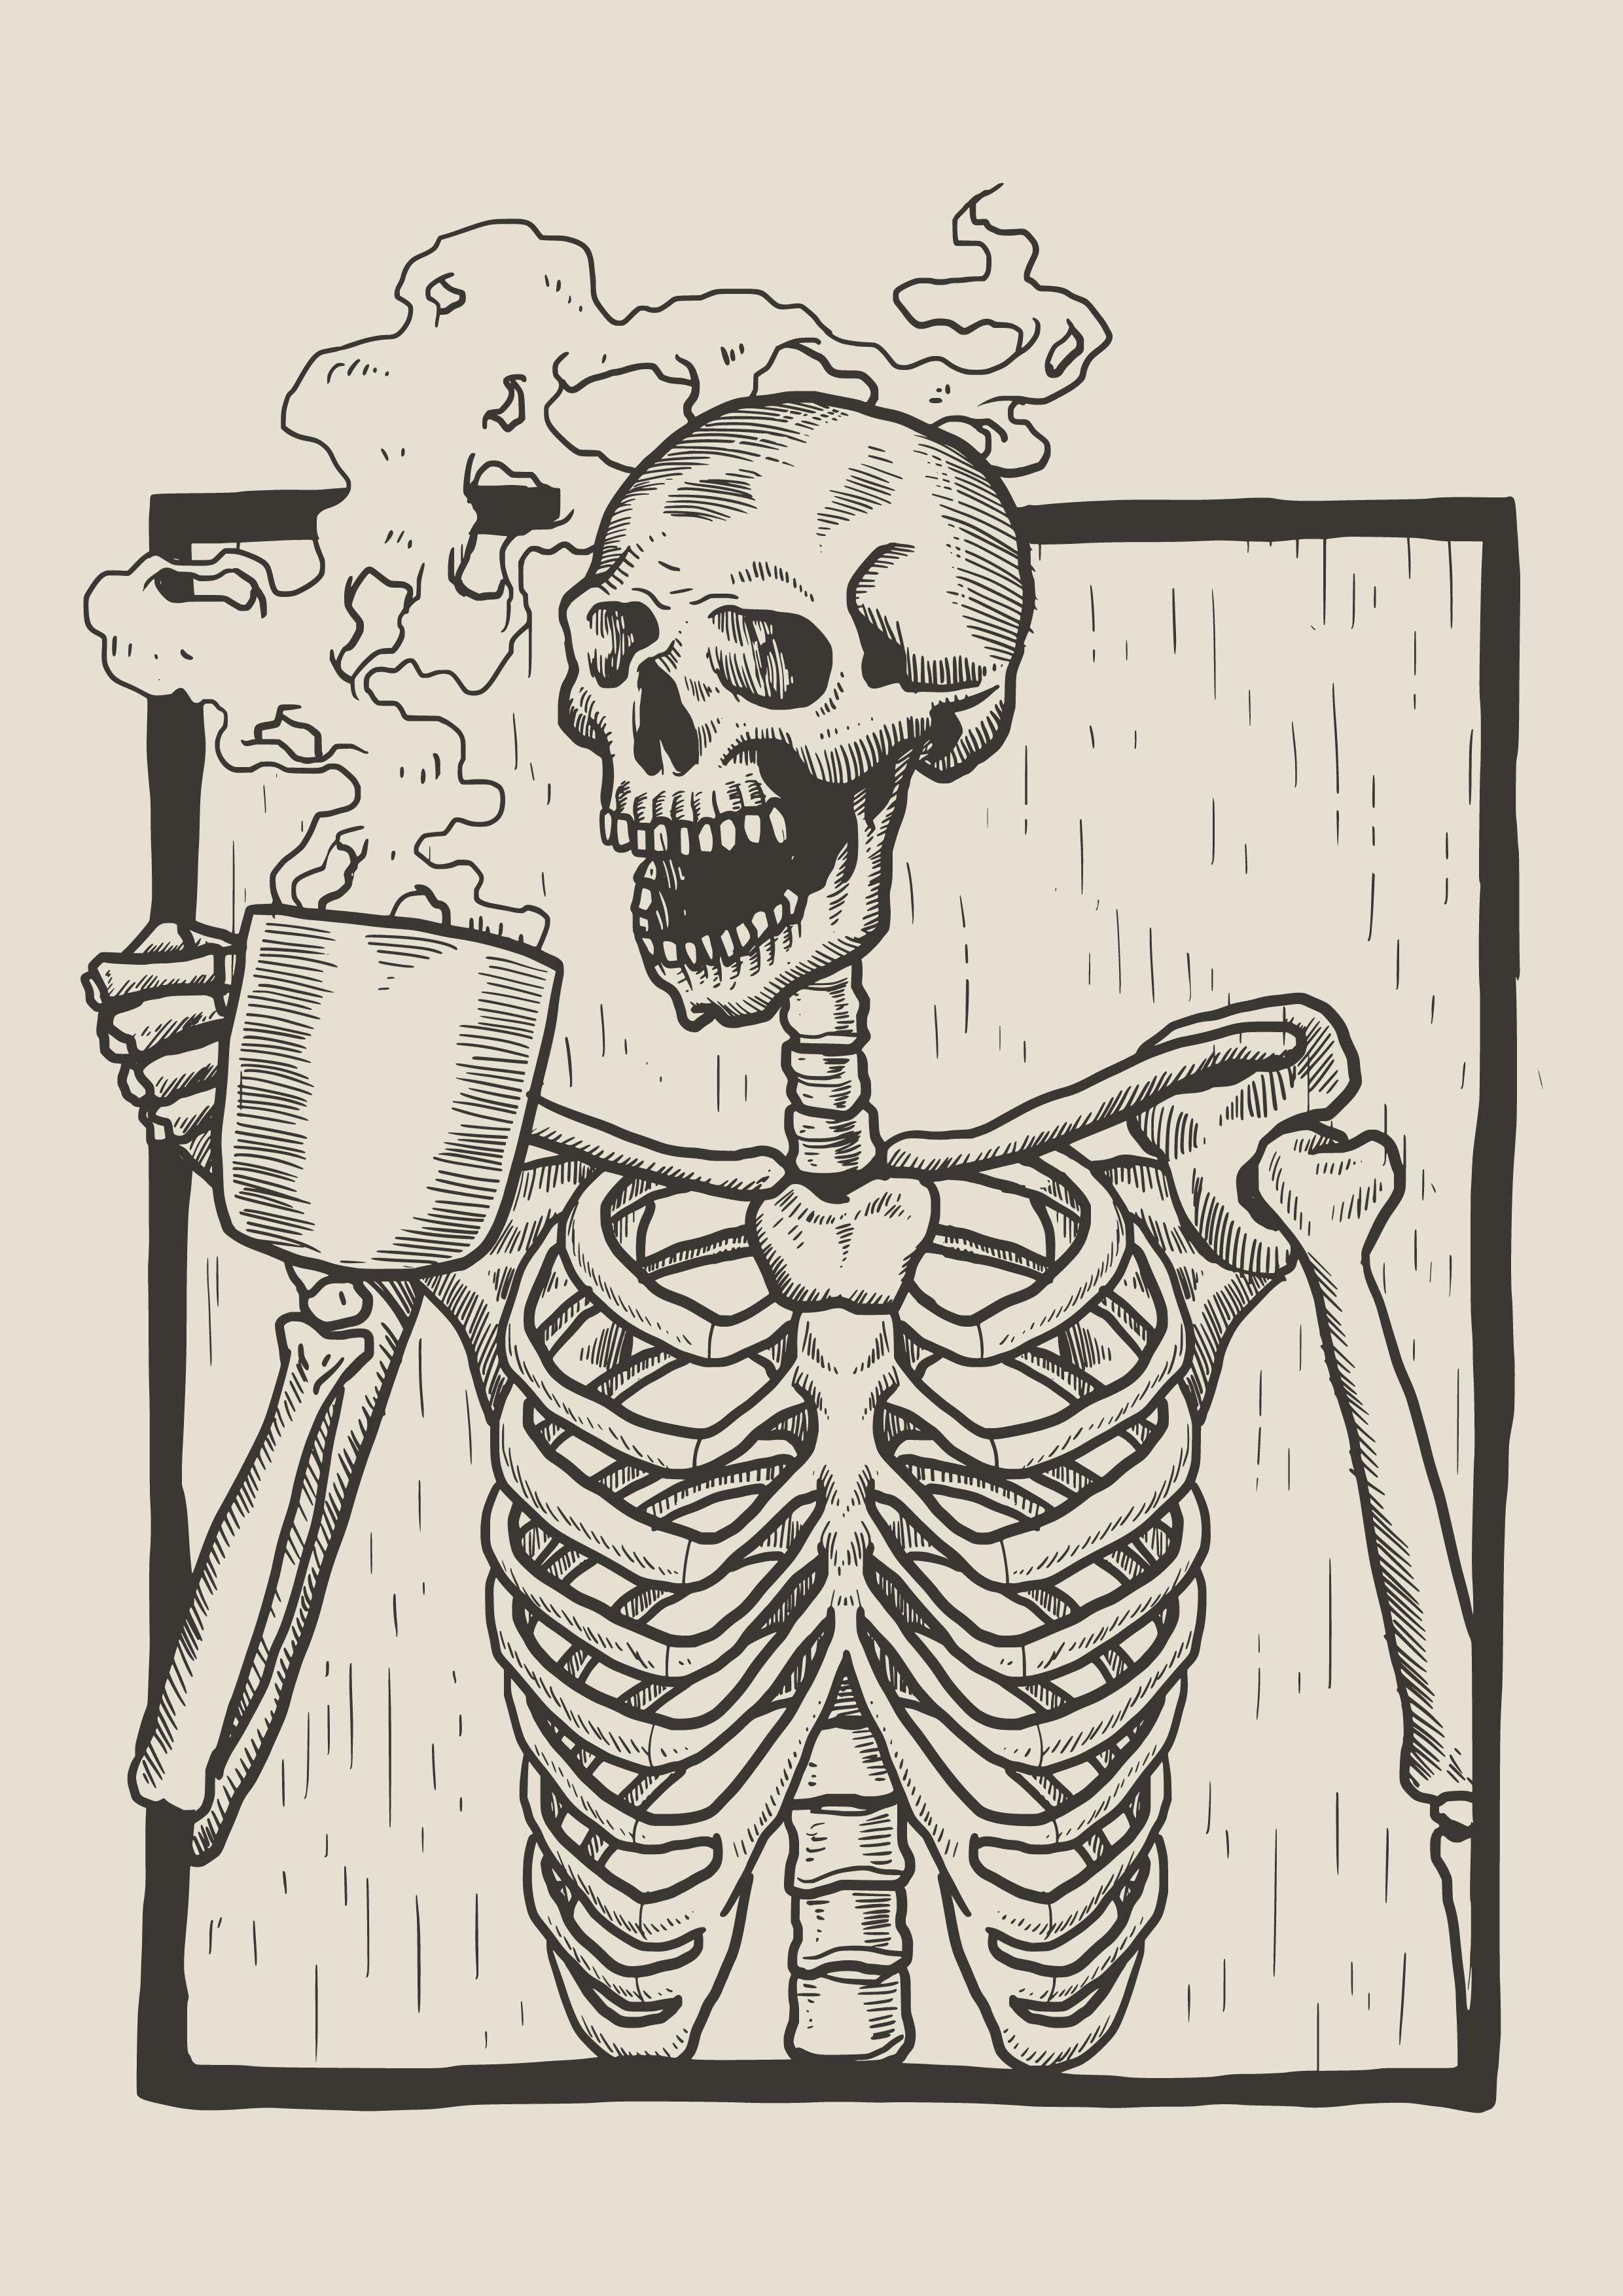 Skeleton Linocut Drink Coffee With Images Skeleton Art